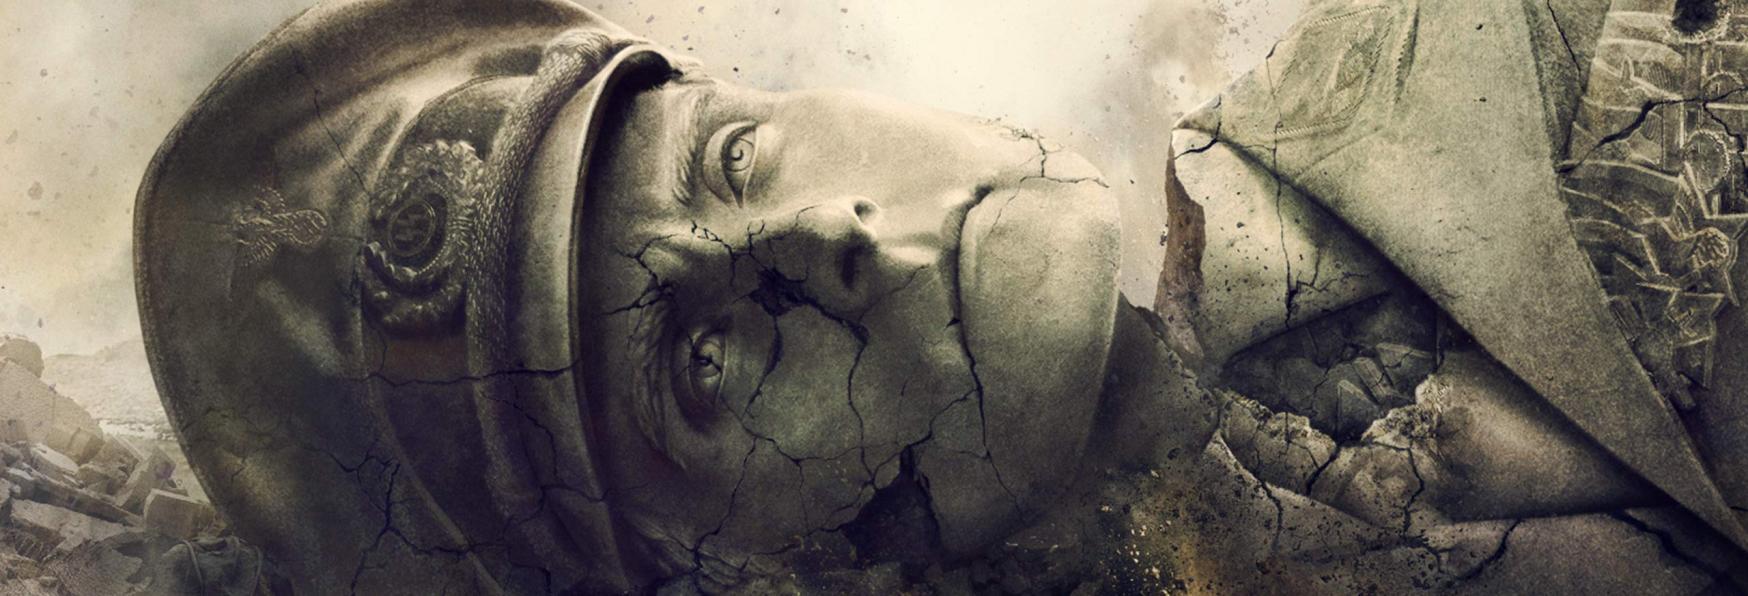 The Man in the High Castle: la Recensione della 4° Stagione della Serie TV Prime Video